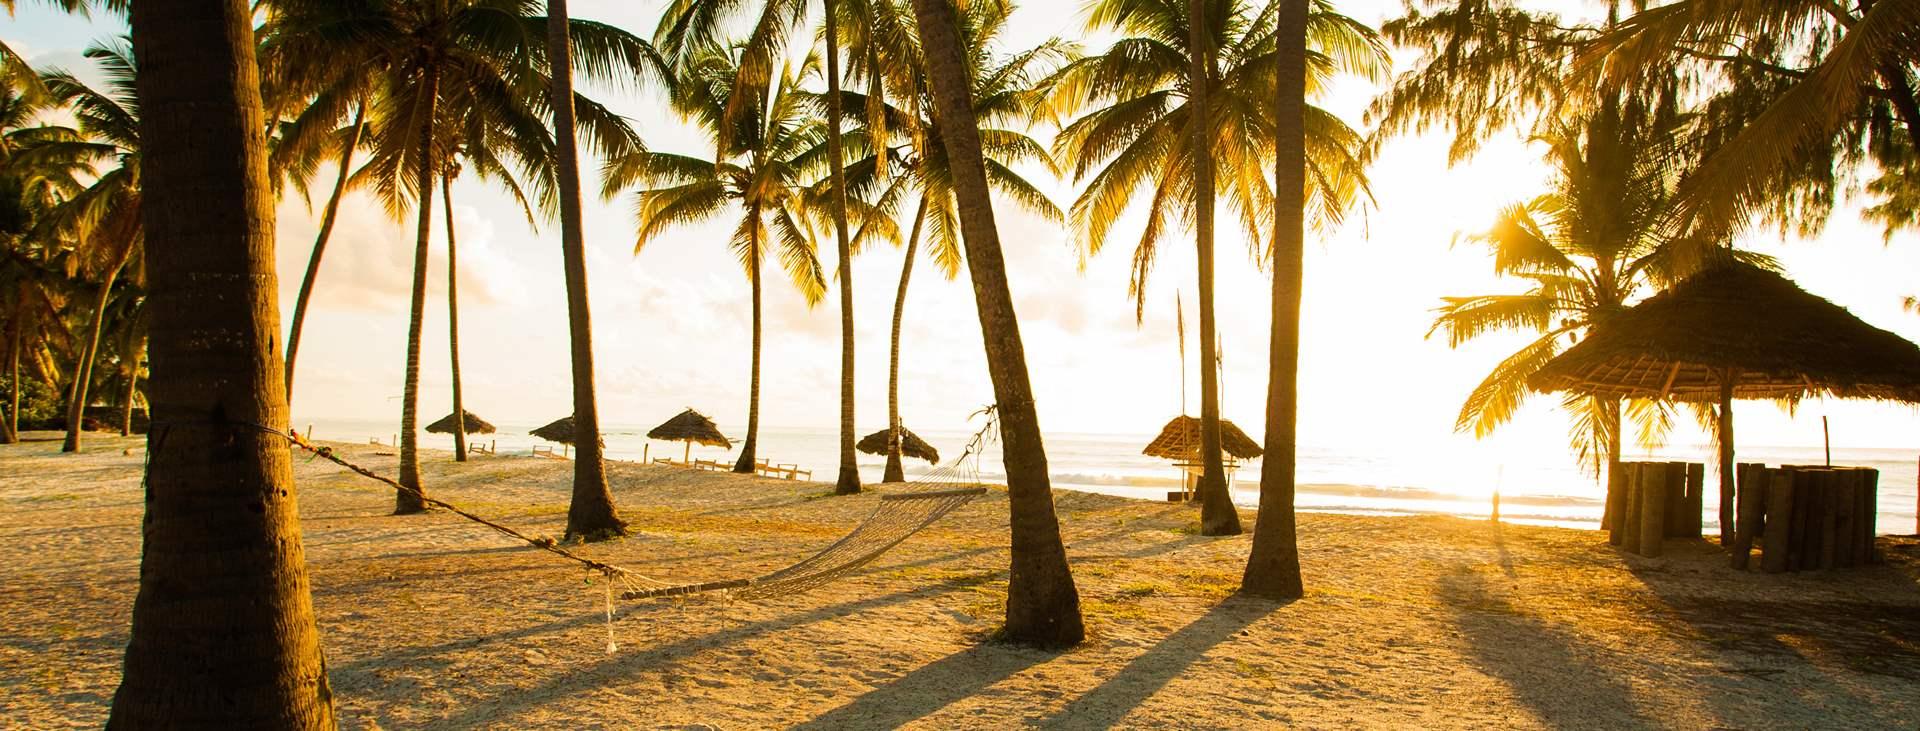 Zanzibars vita stränder och spännande historia lockar alla solälskare. Boka din resa till Zanzibar i Tanzania hos Ving.